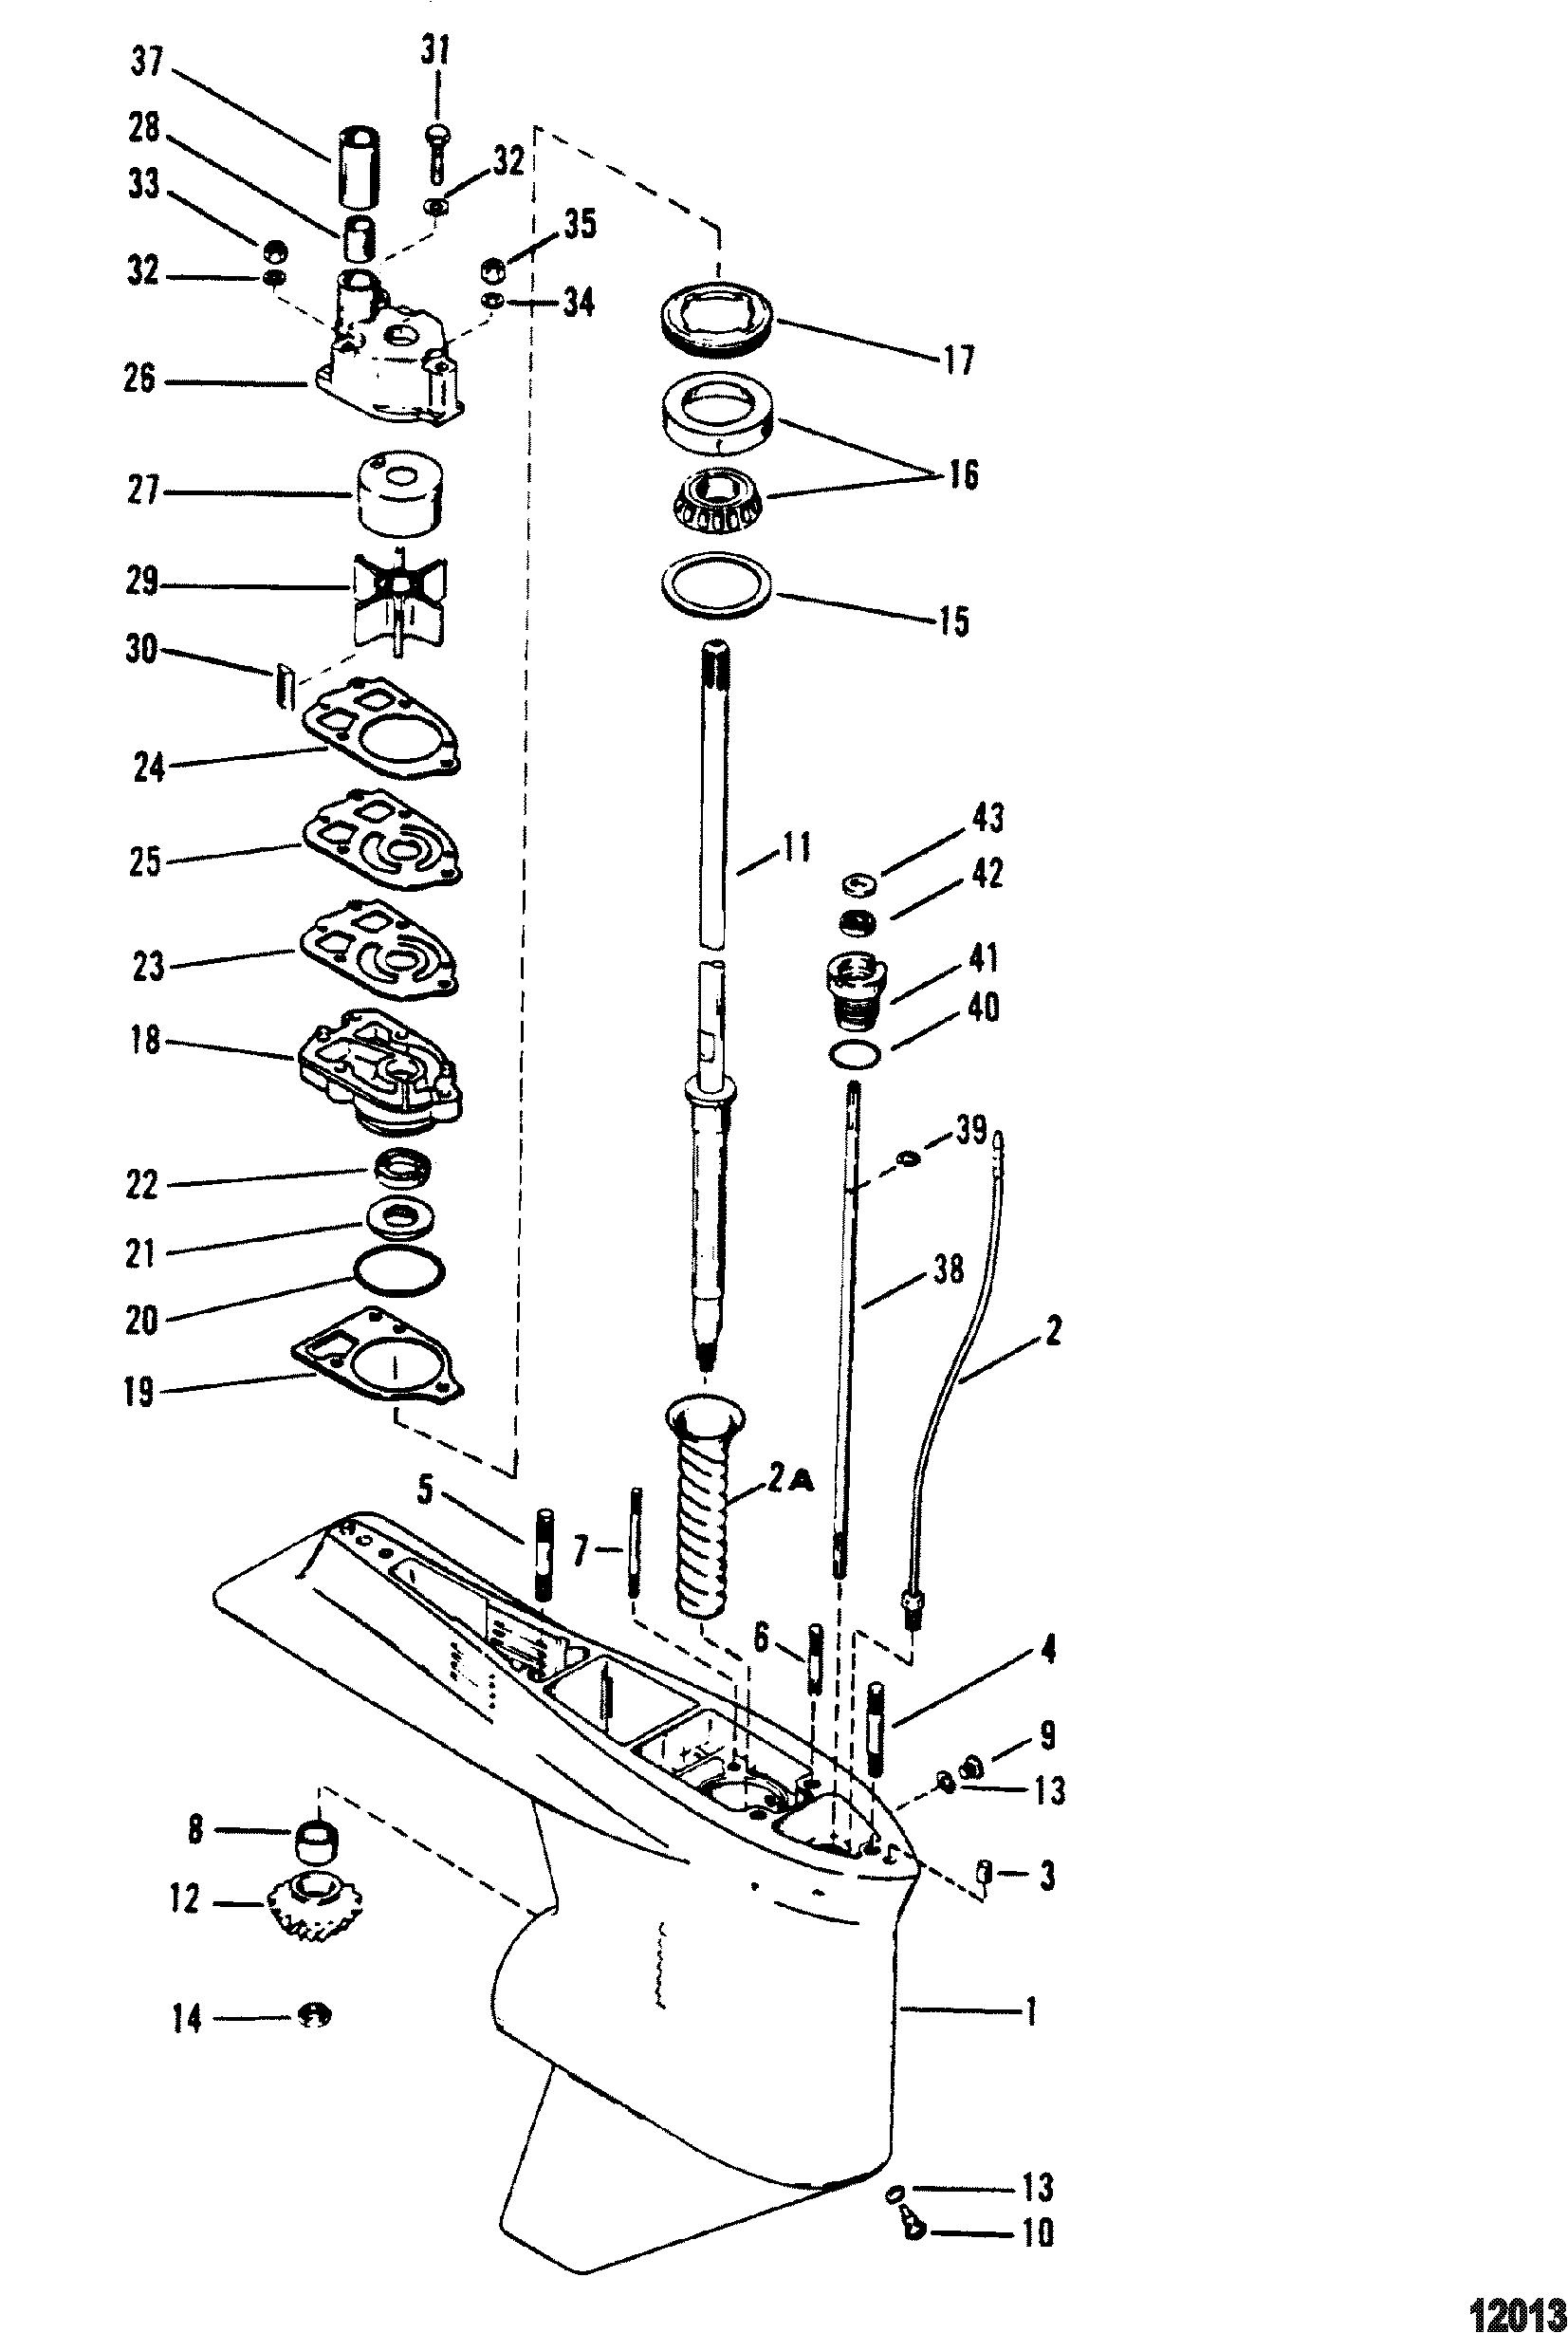 Gear Housing Drive Shaft 178 1 Gear Ratio 4 25 Torpedo